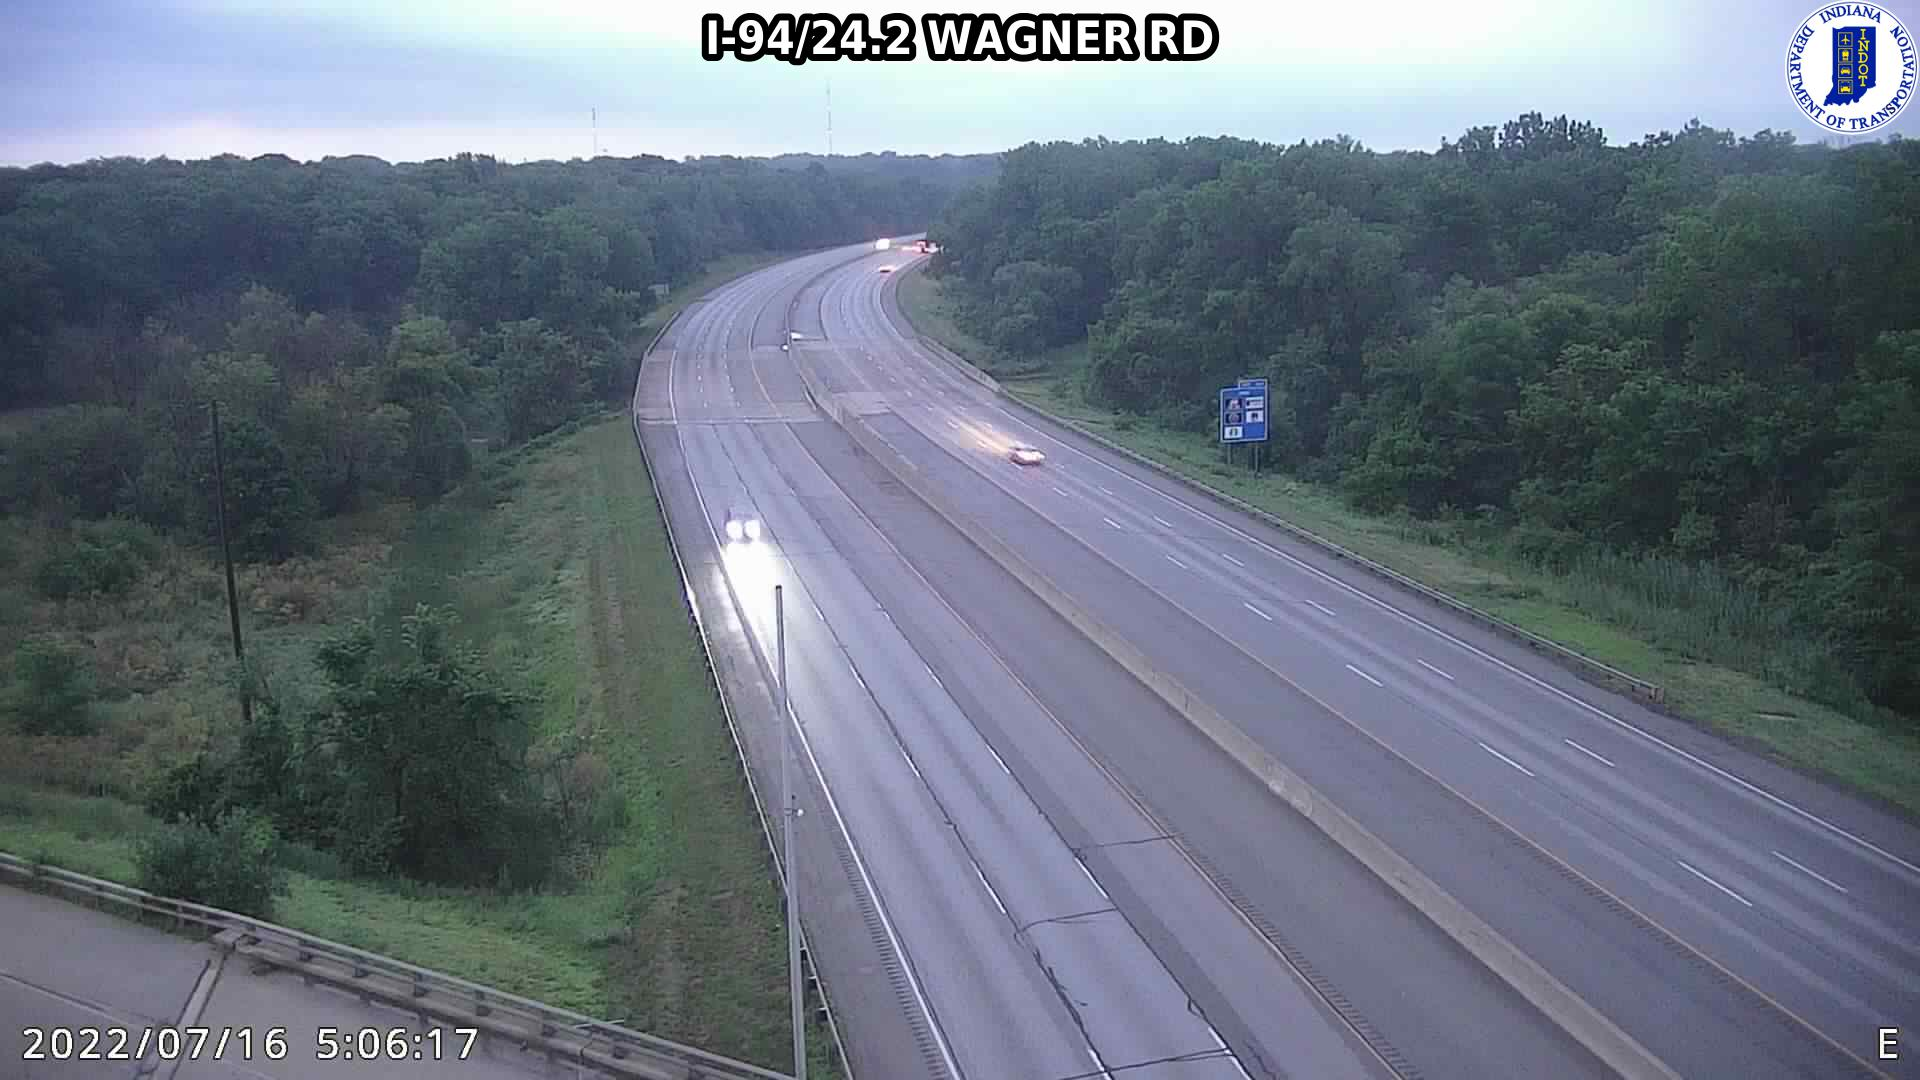 camera snapshot for WB I-94 at Wagner Rd